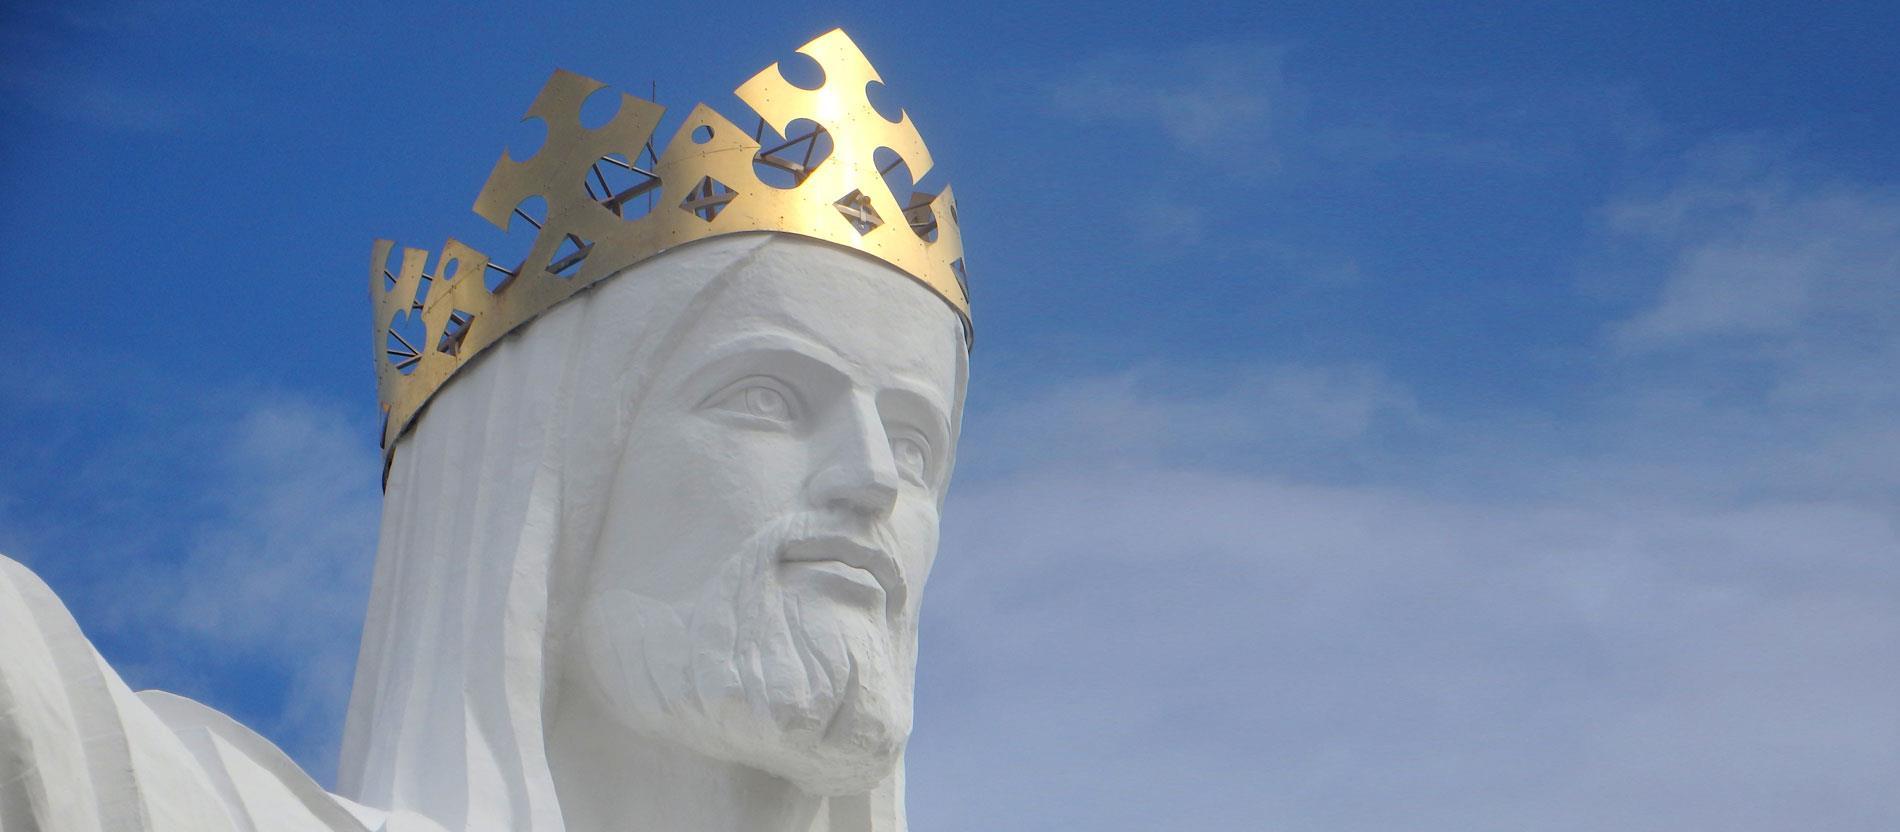 A lengyelországi Świebodzin városában álló Krisztus-szobor a világon a maga 36 méterével a világon a legnagyobb, ami az alája épített mesterséges domb miatt a valóságban még nagyobbnak tűnik.